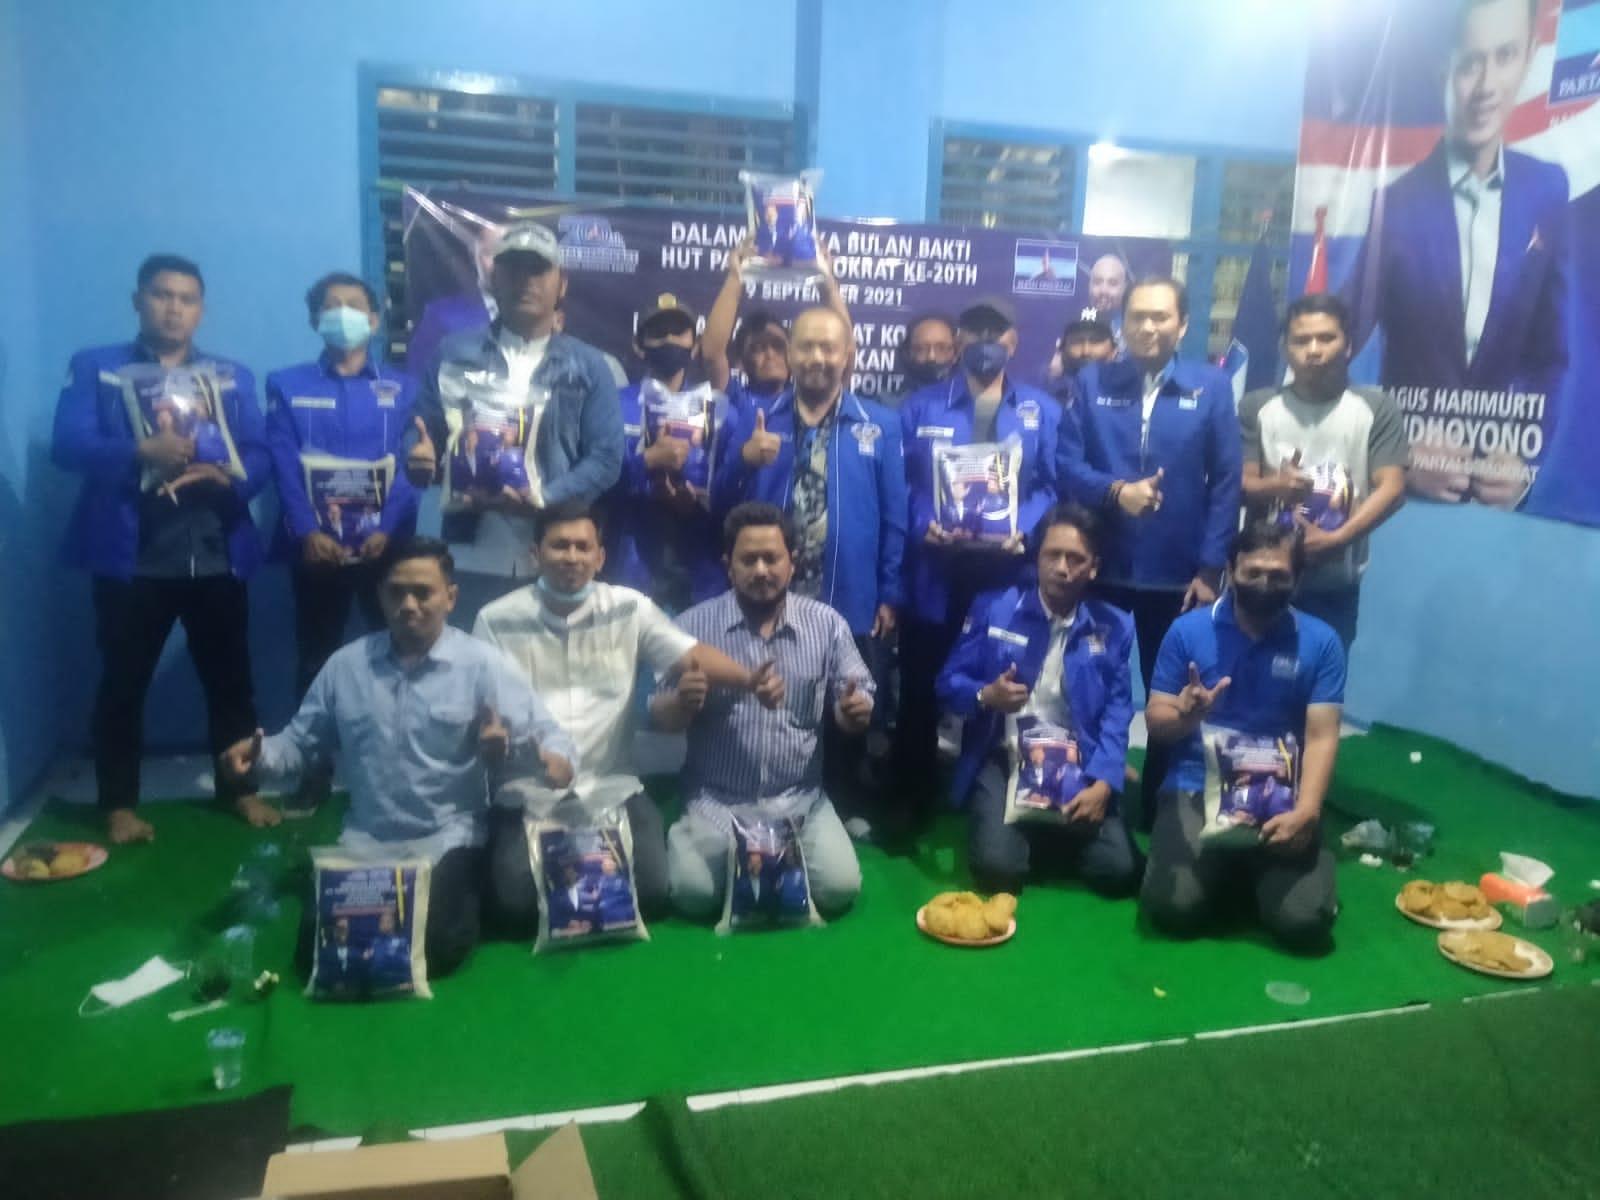 Photo of HUT Ke 20, DPC Partai Demokrat Kota Blitar Siap Berkoalisi Bersama Rakyat